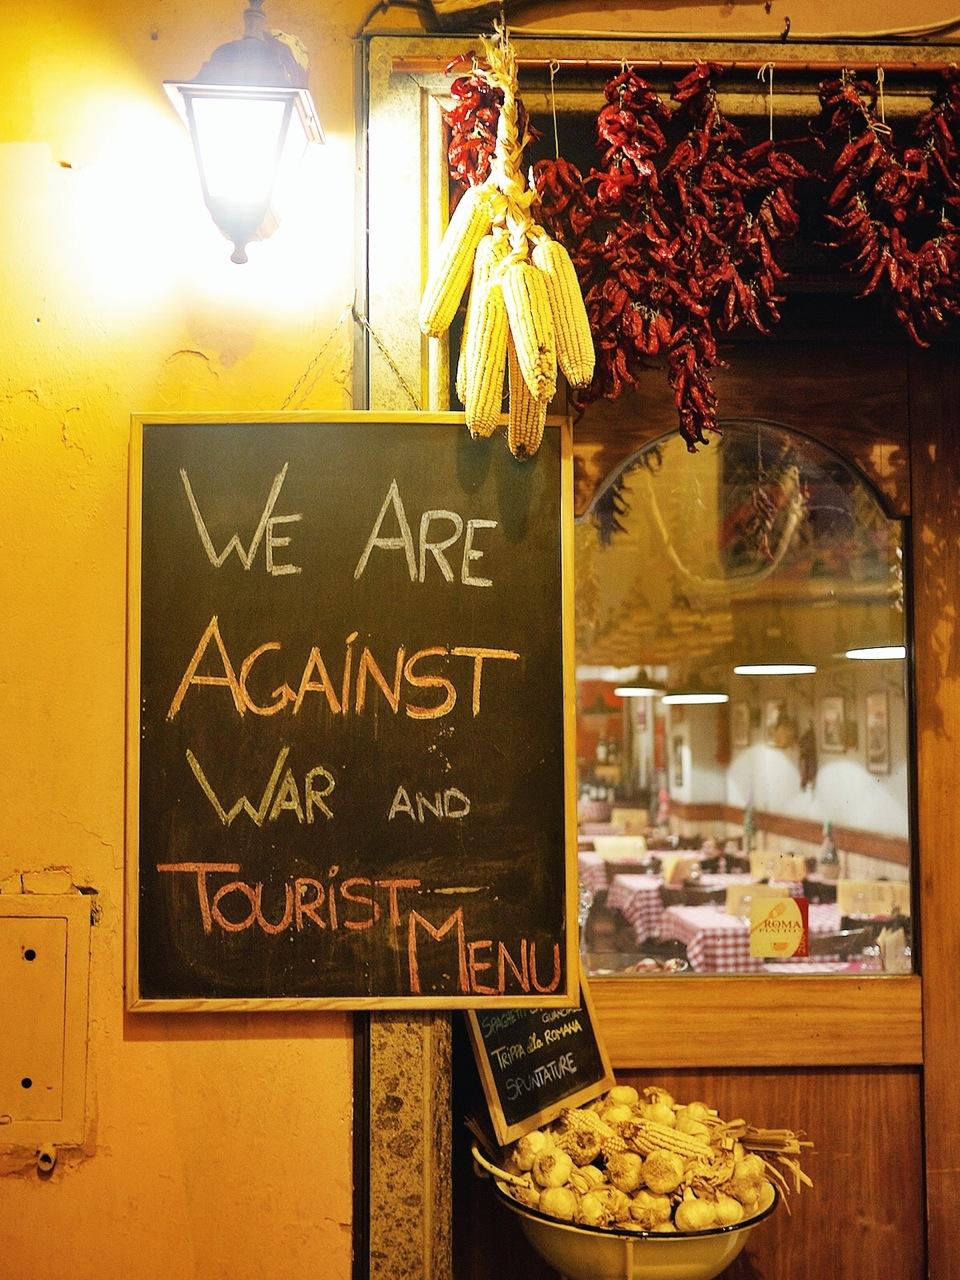 """No restaurante Aristocampo, no bairro de Trastevere, em Roma, isso é dito com todas as palavras: """"Nós somos contra guerra e menus turísticos"""""""